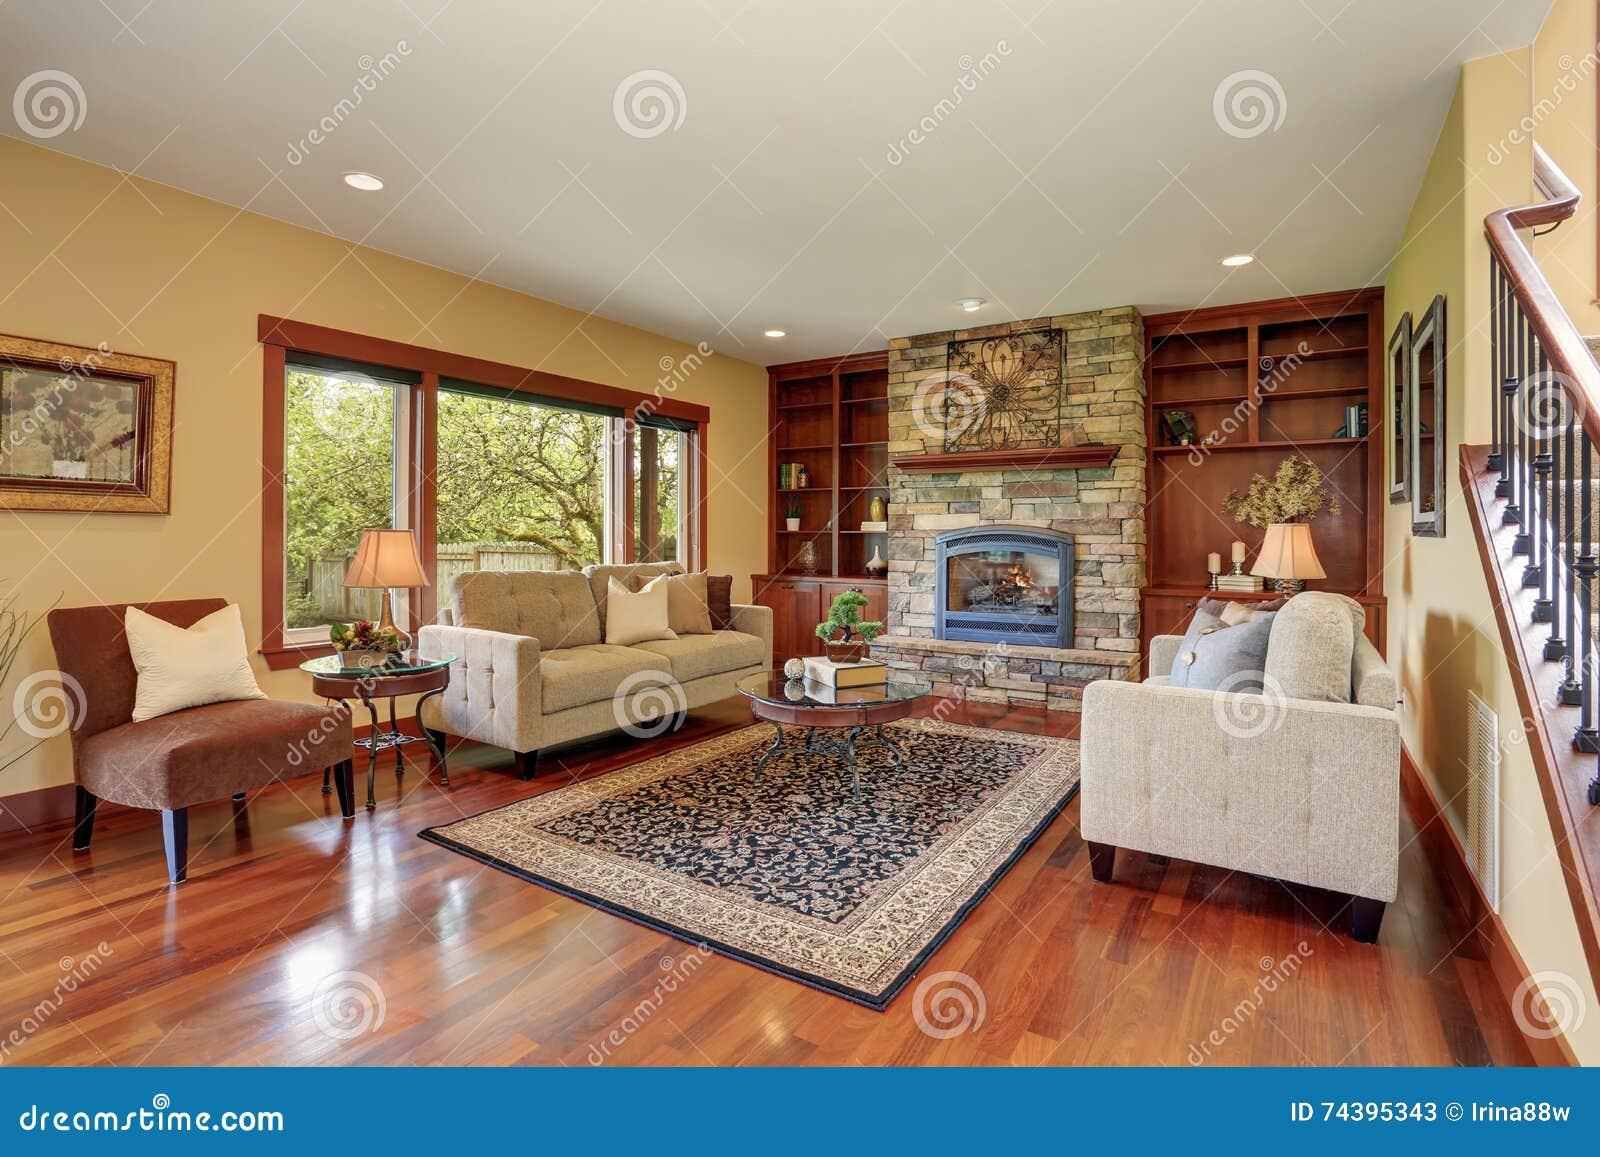 sala de estar en estilo antiguo con la chimenea de piedra natural del diseo y el